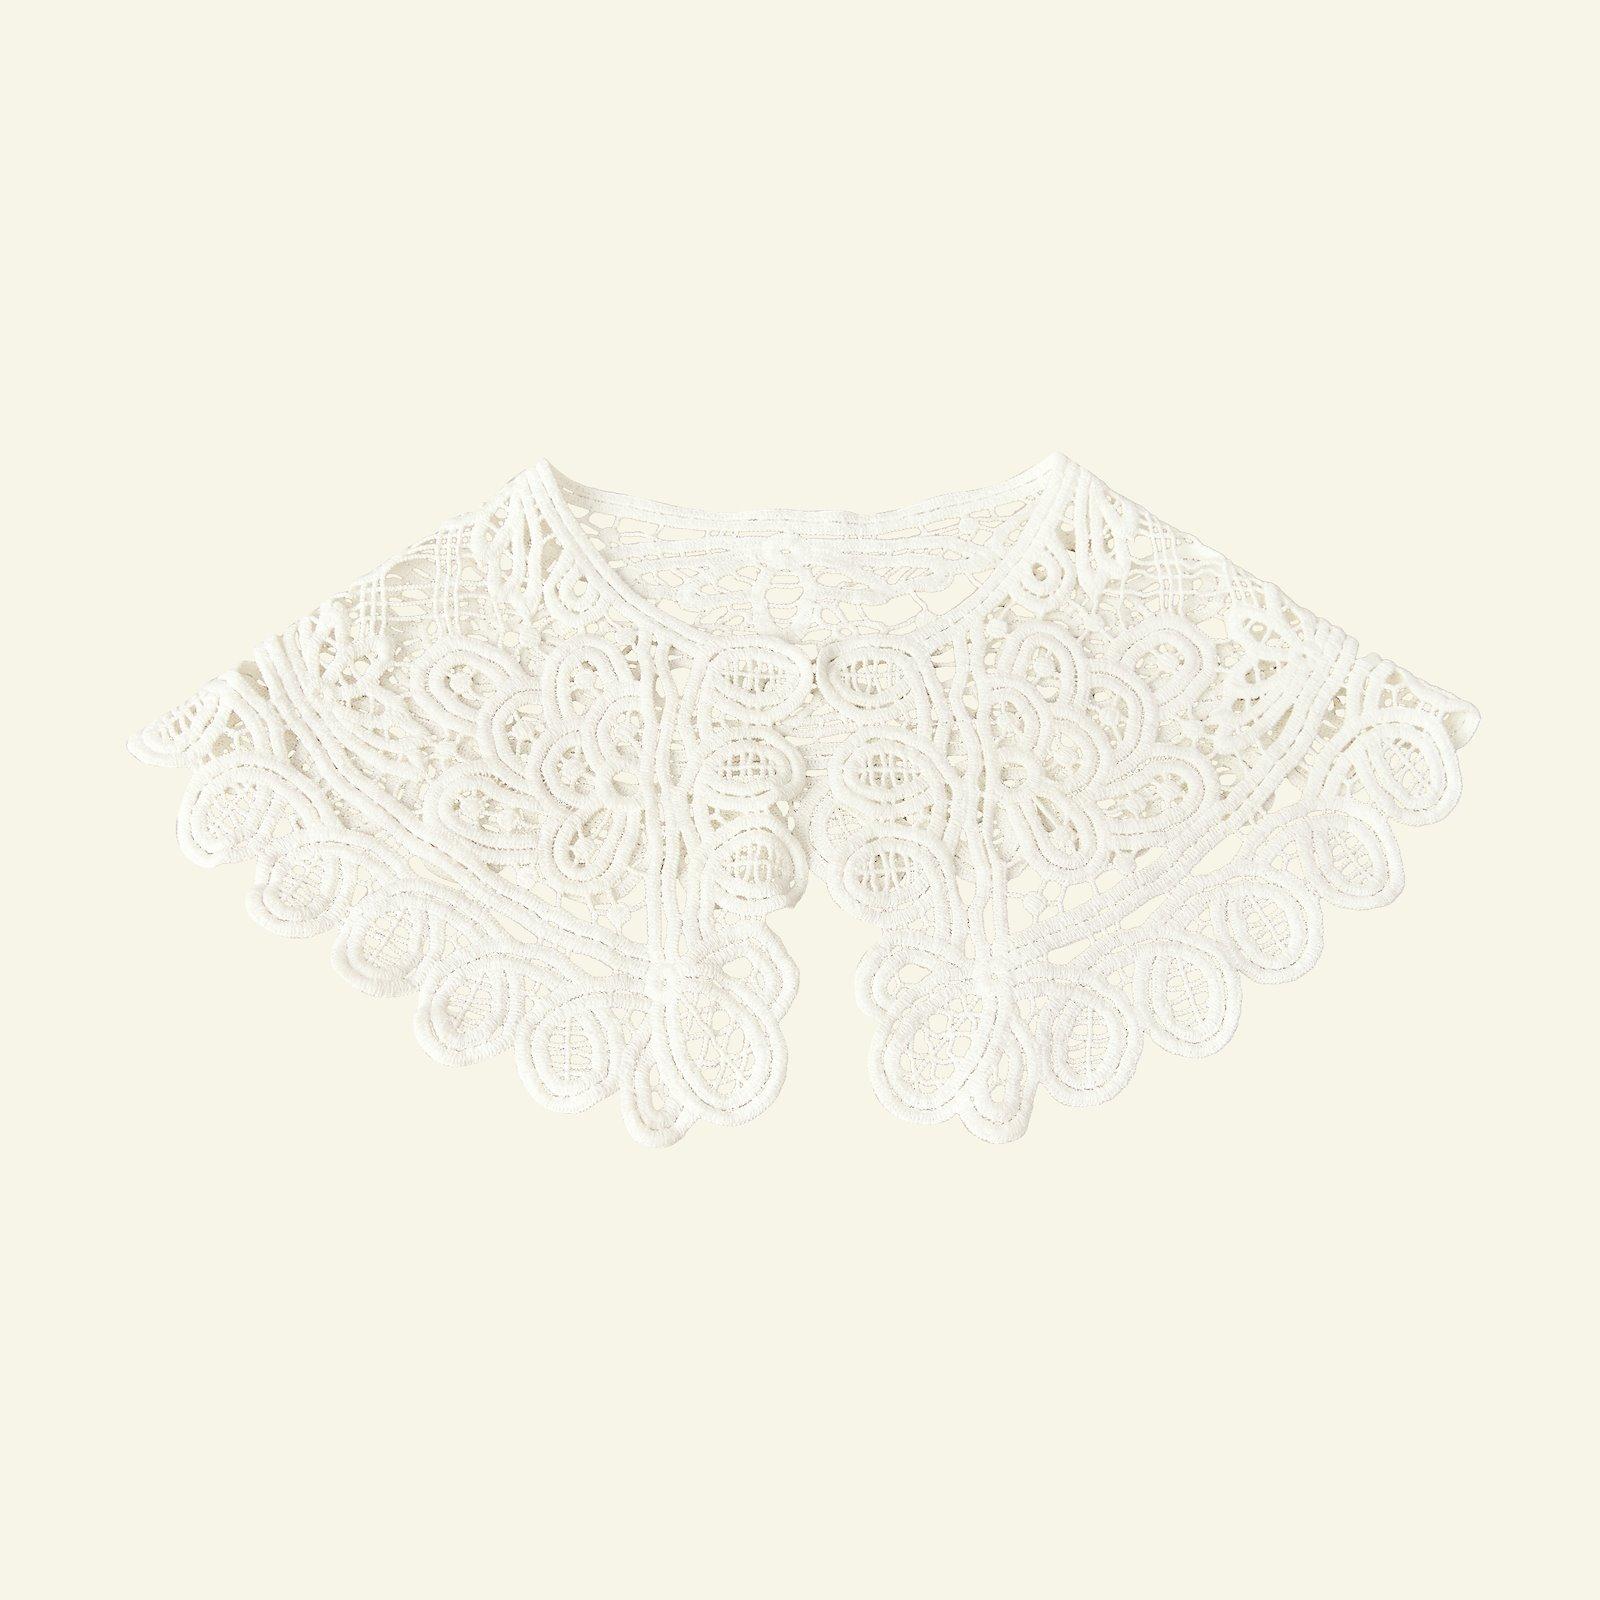 Cotton collar lace 70x17cm white 1pc 25161_sskit